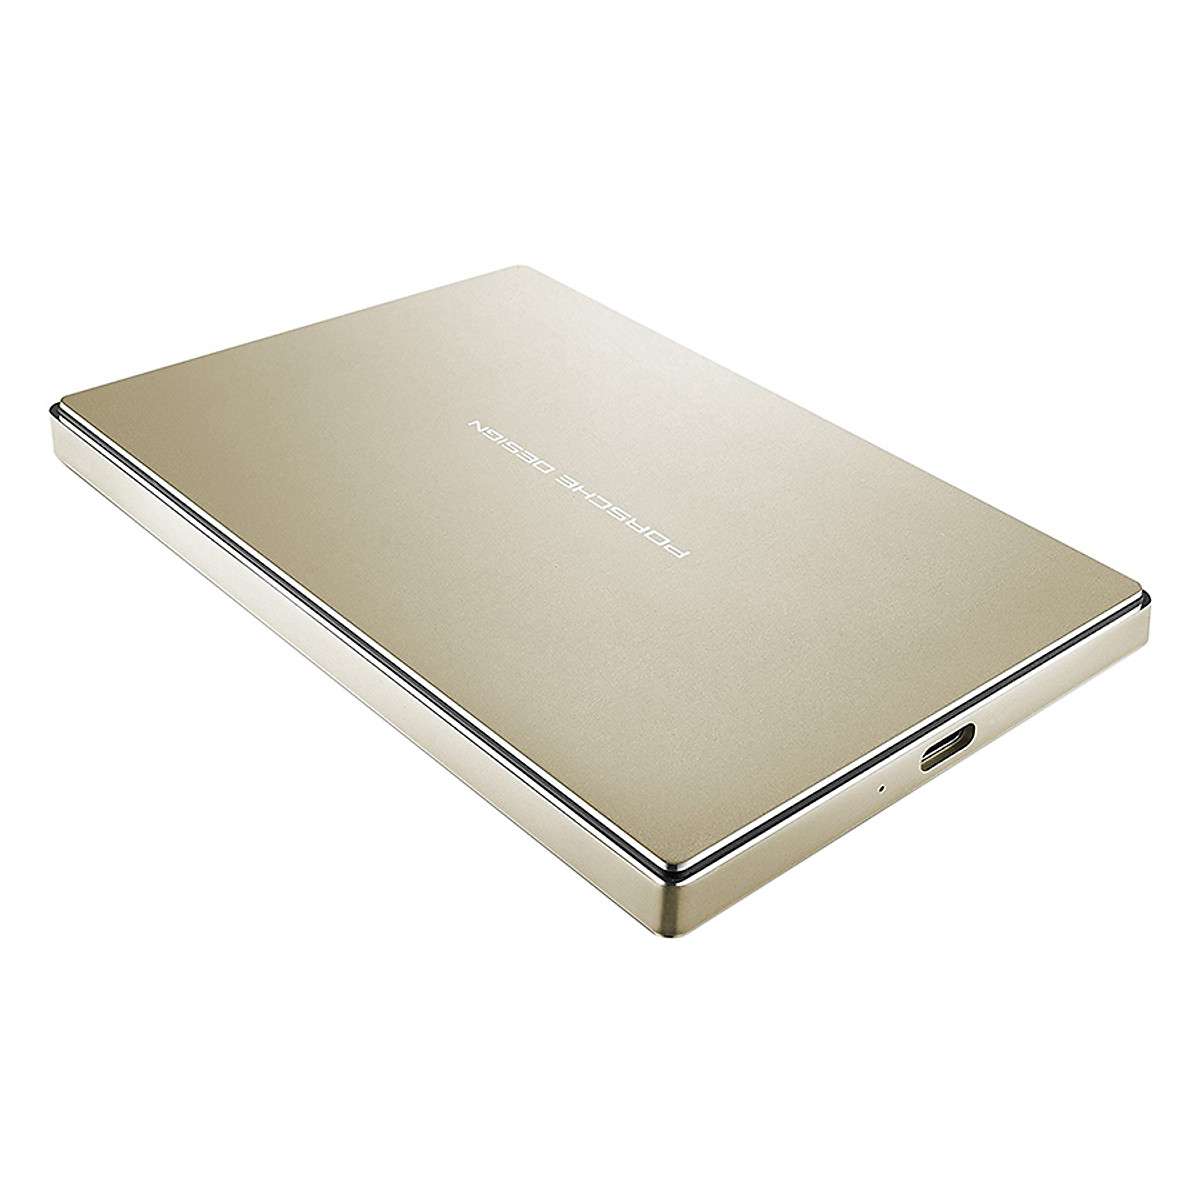 Ổ Cứng LaCie Porsche Design 2.5 P'9227 USB 3.1 2TB STFD2000403 (Vàng) – Hàng Chính Hãng